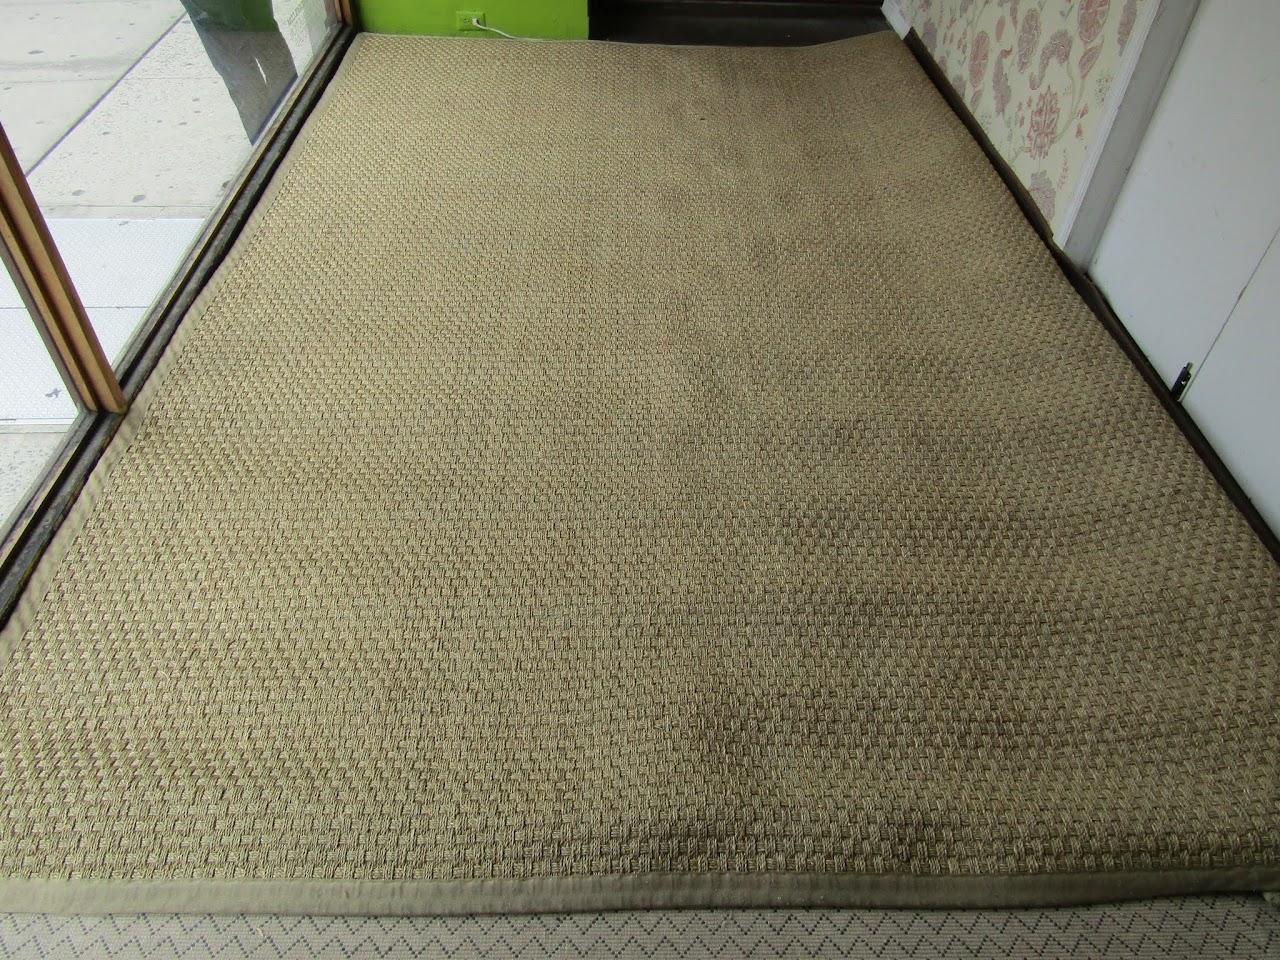 Sea Grass Sisal Rug